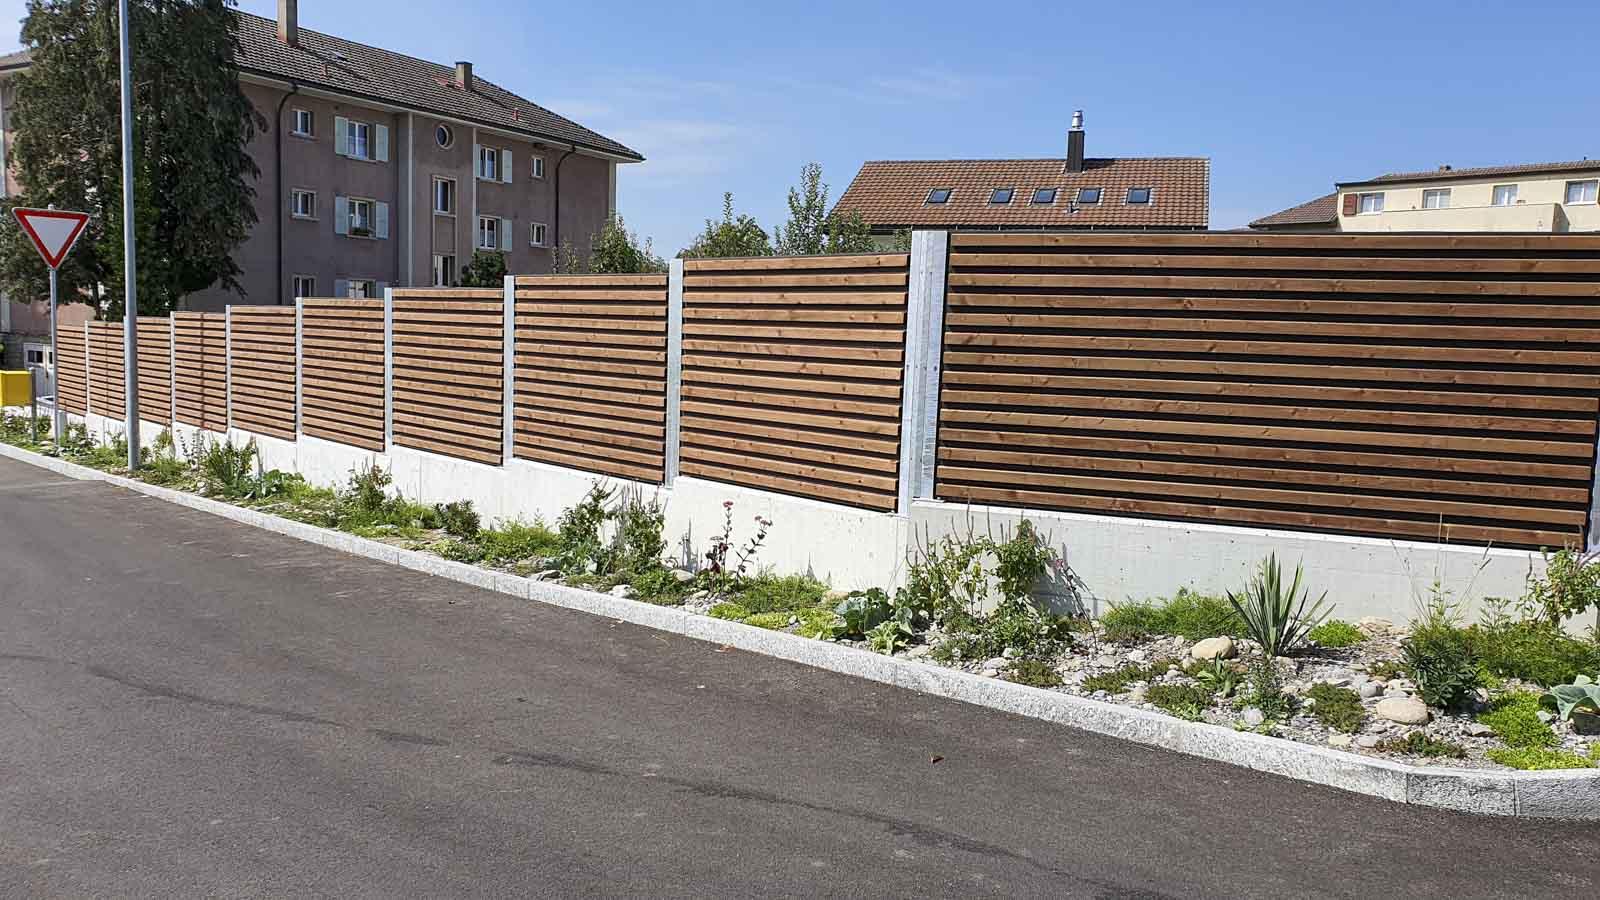 Wooddesign_Terrassengestaltung_Sichtschutz_Schallschutz_Schallschutzwand_druckimprägniert braun (5)